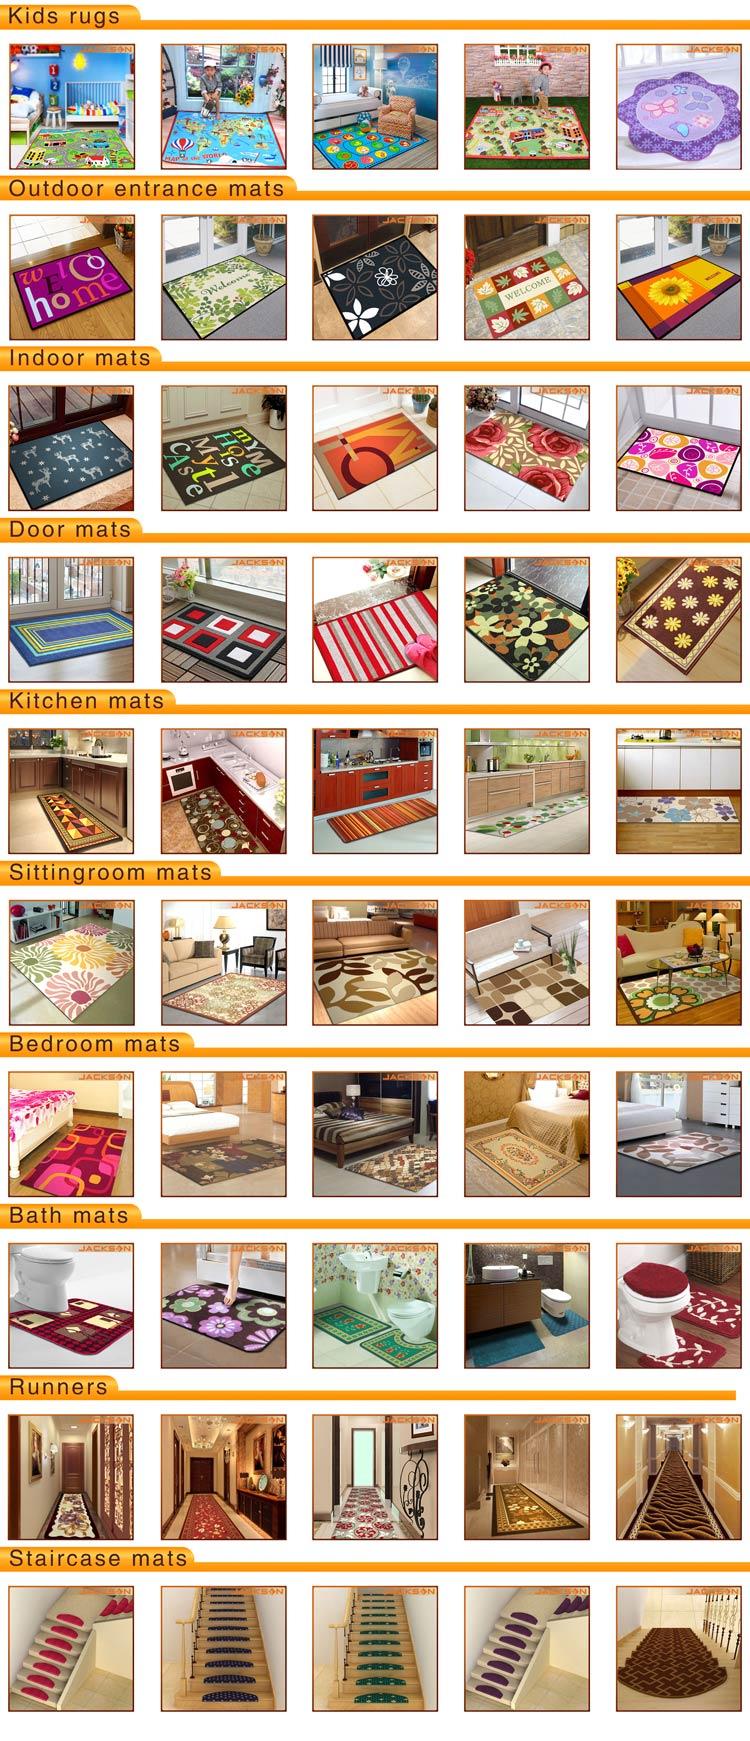 Warm Design Door Mat, Rugs and Carpets